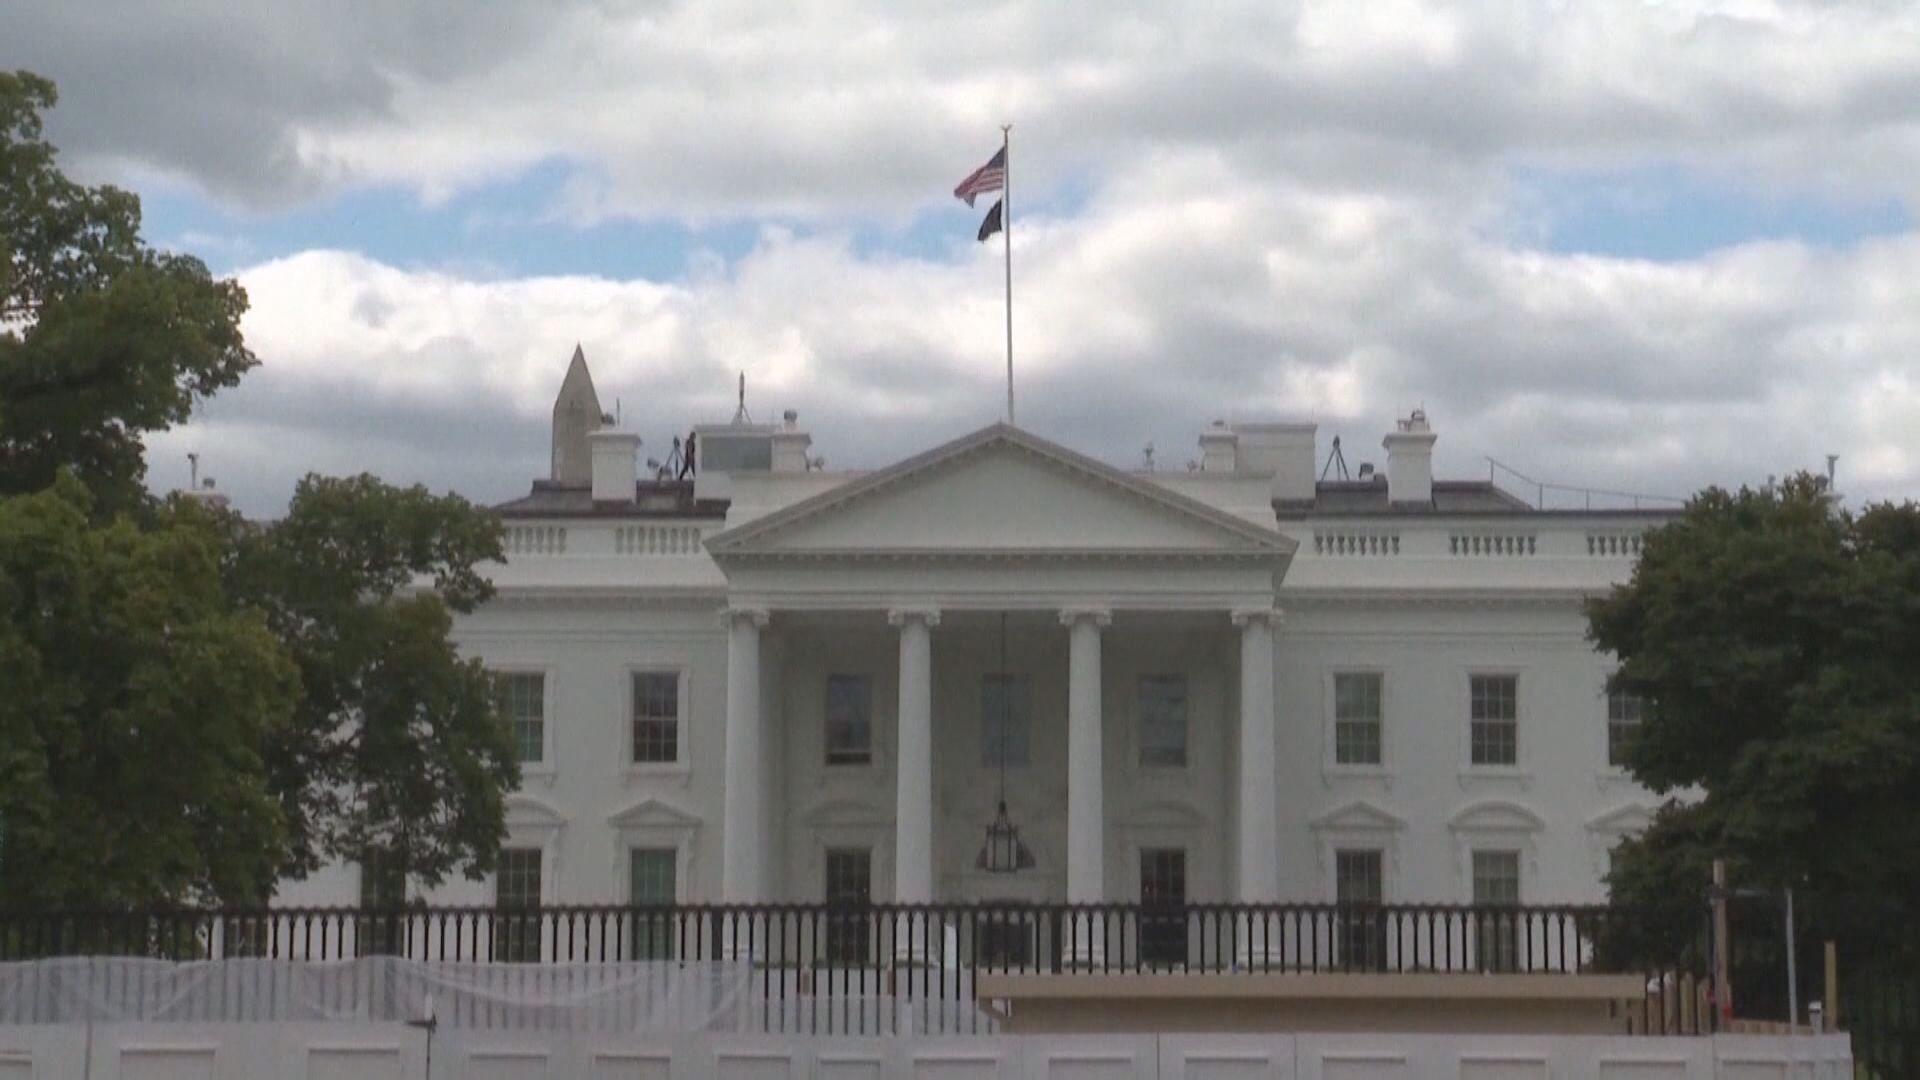 報道指美國調查兩名官員突報稱不適事件